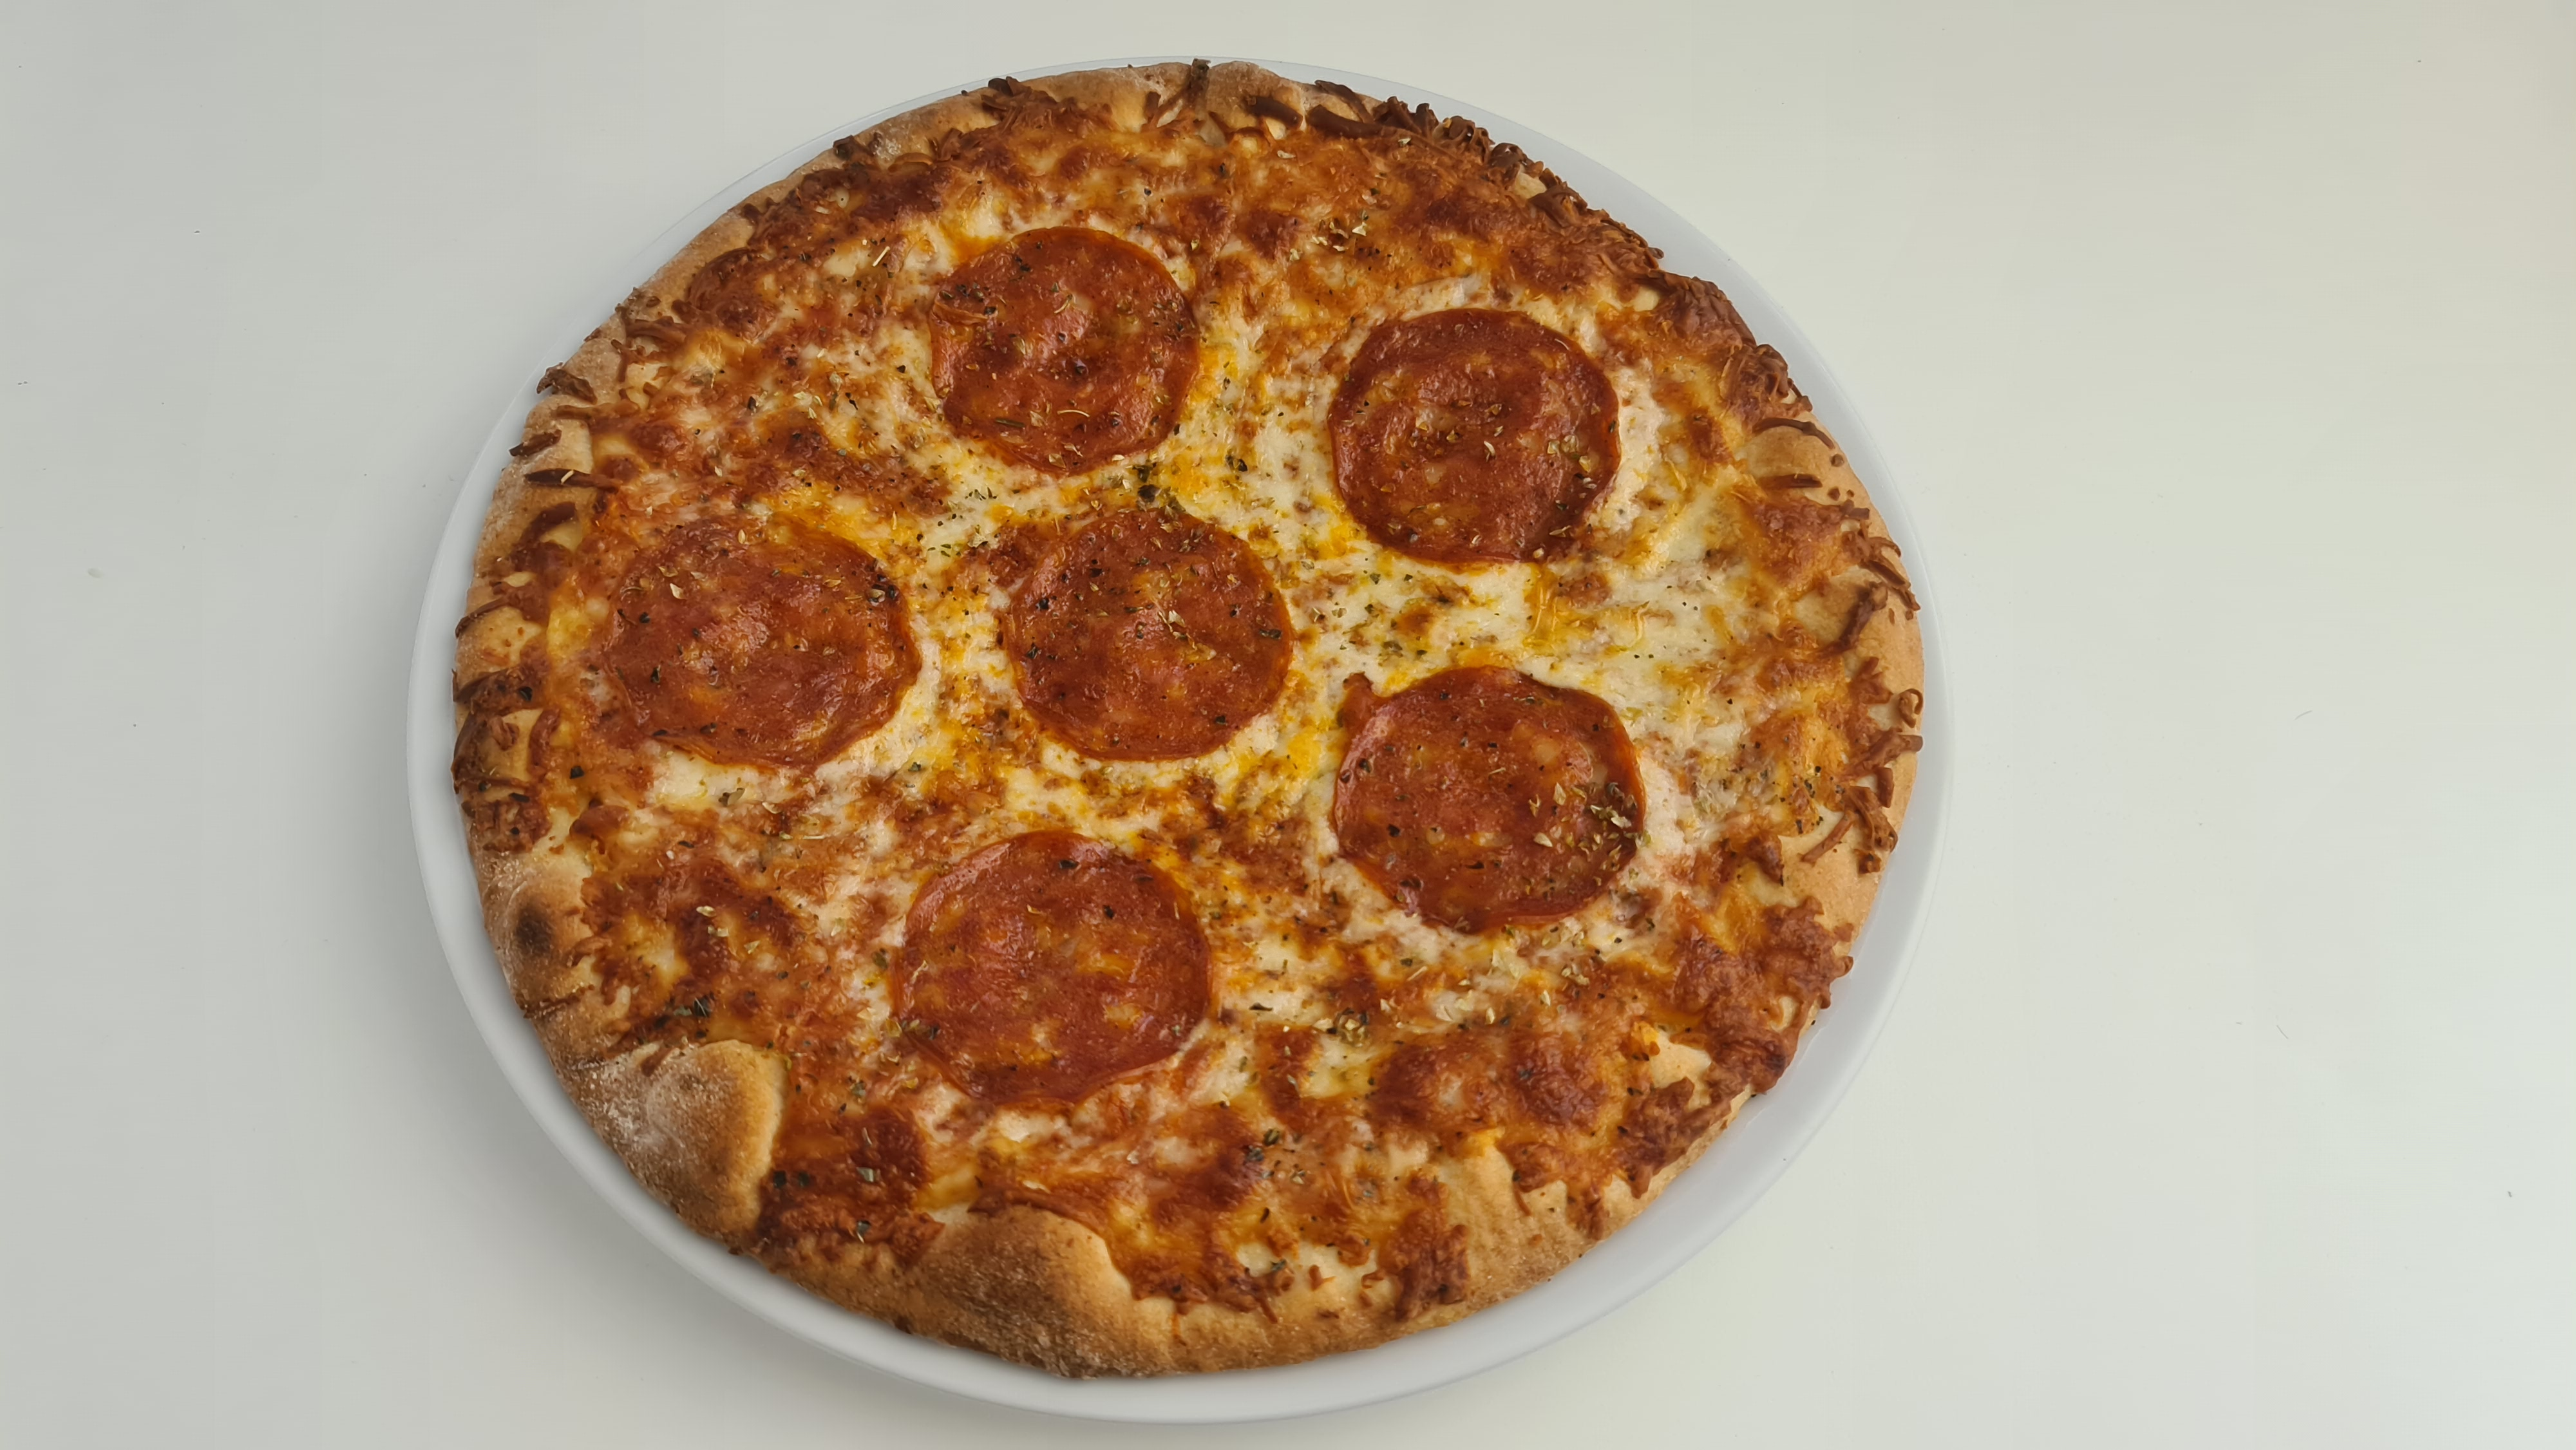 https://foodloader.net/Holz_2020-05-07_Pizza.jpg